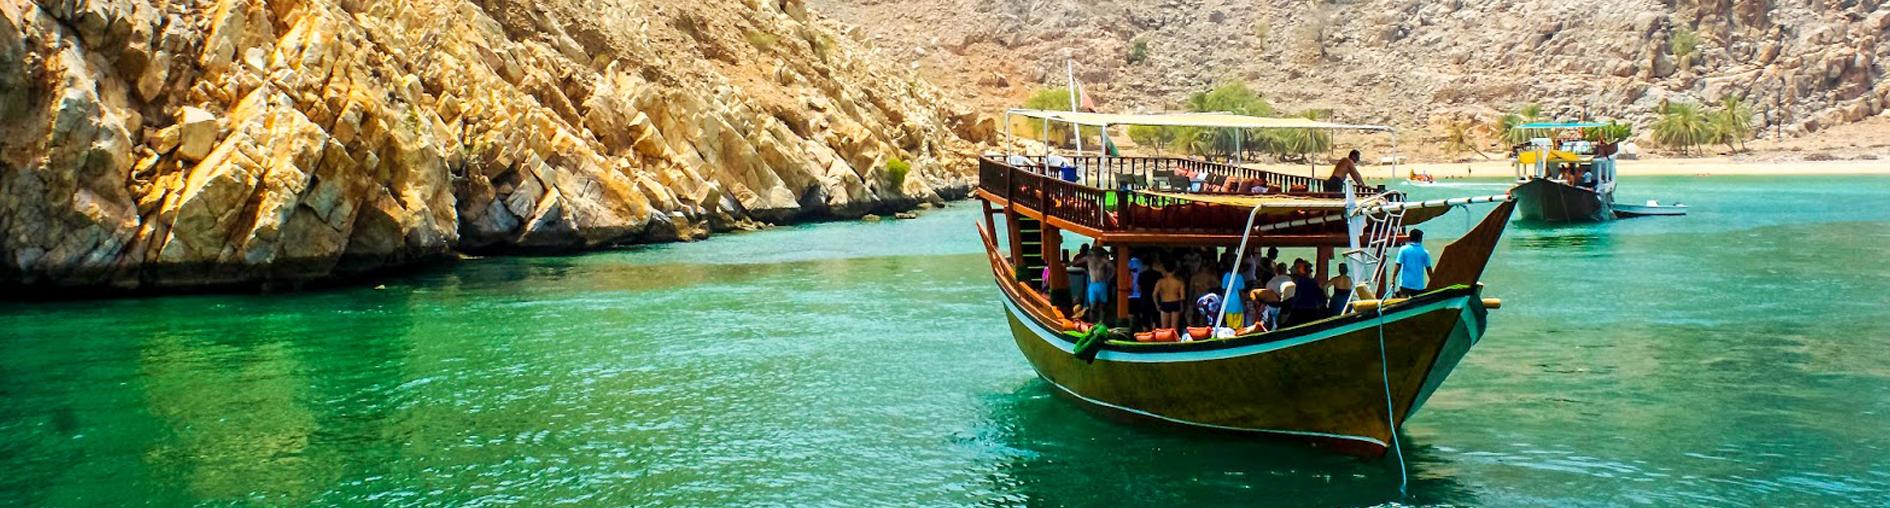 http://www.cruiseindubai.com/wp-content/uploads/2013/12/8.jpg